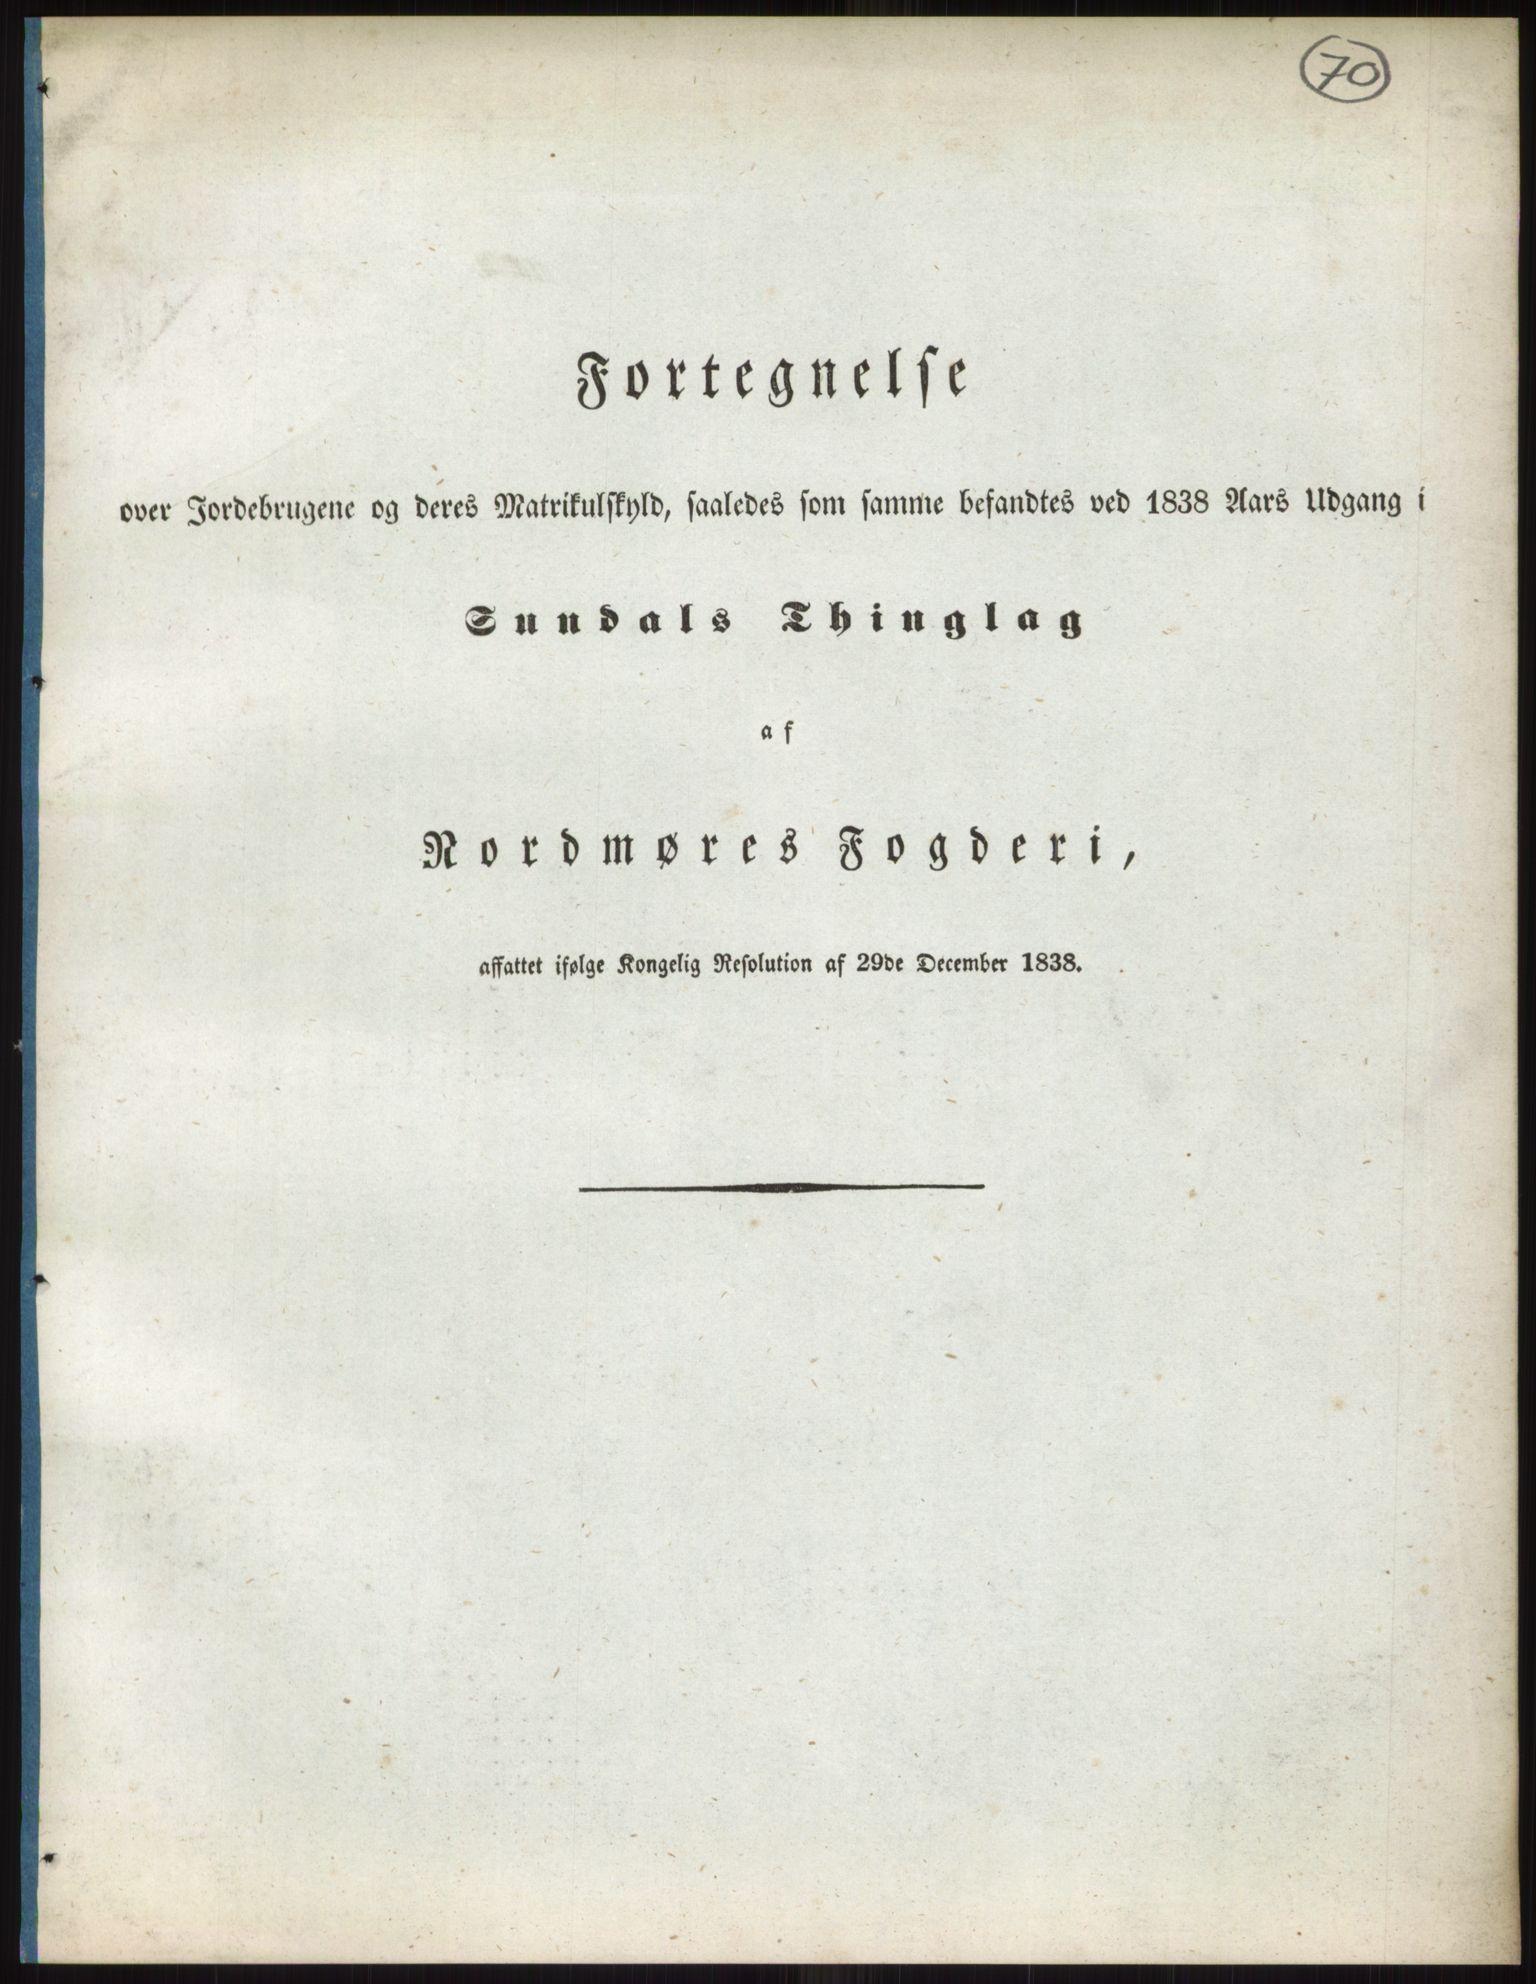 RA, 1838-matrikkelen (publikasjon)*, 1838, s. 70